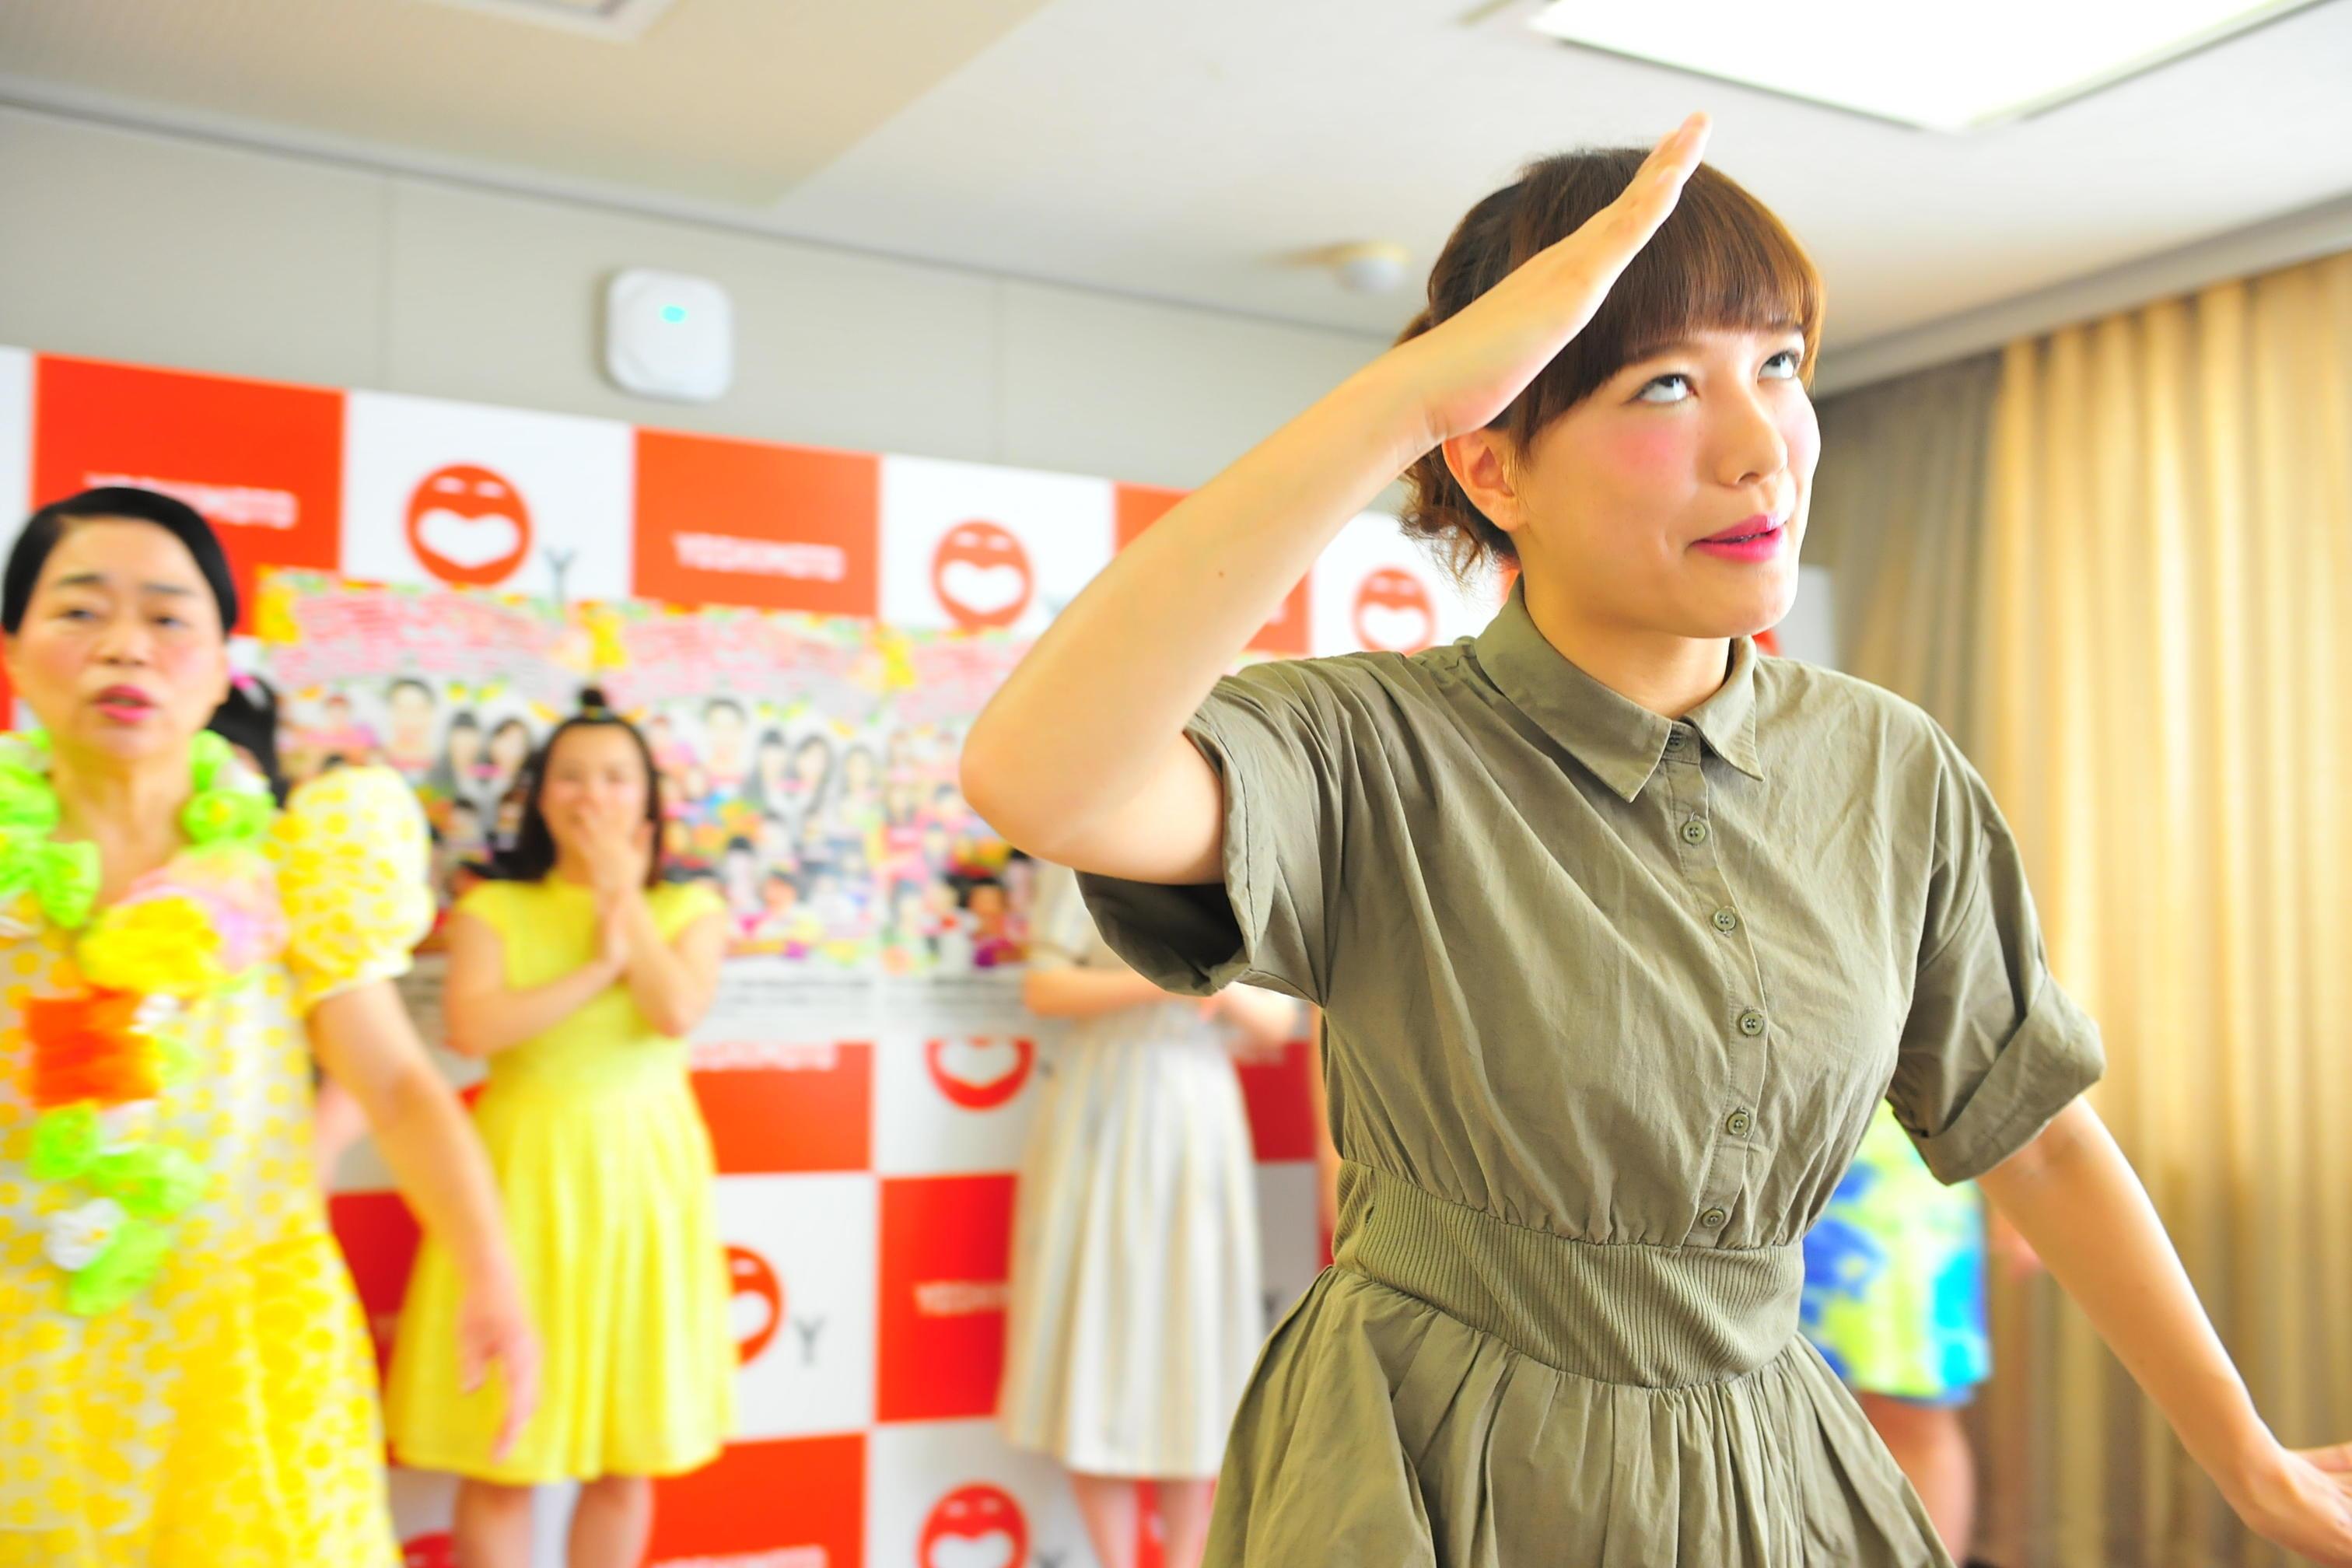 http://news.yoshimoto.co.jp/20160803125112-571e39f96f3b4031d370c5fa4782c91738d88ee2.jpg